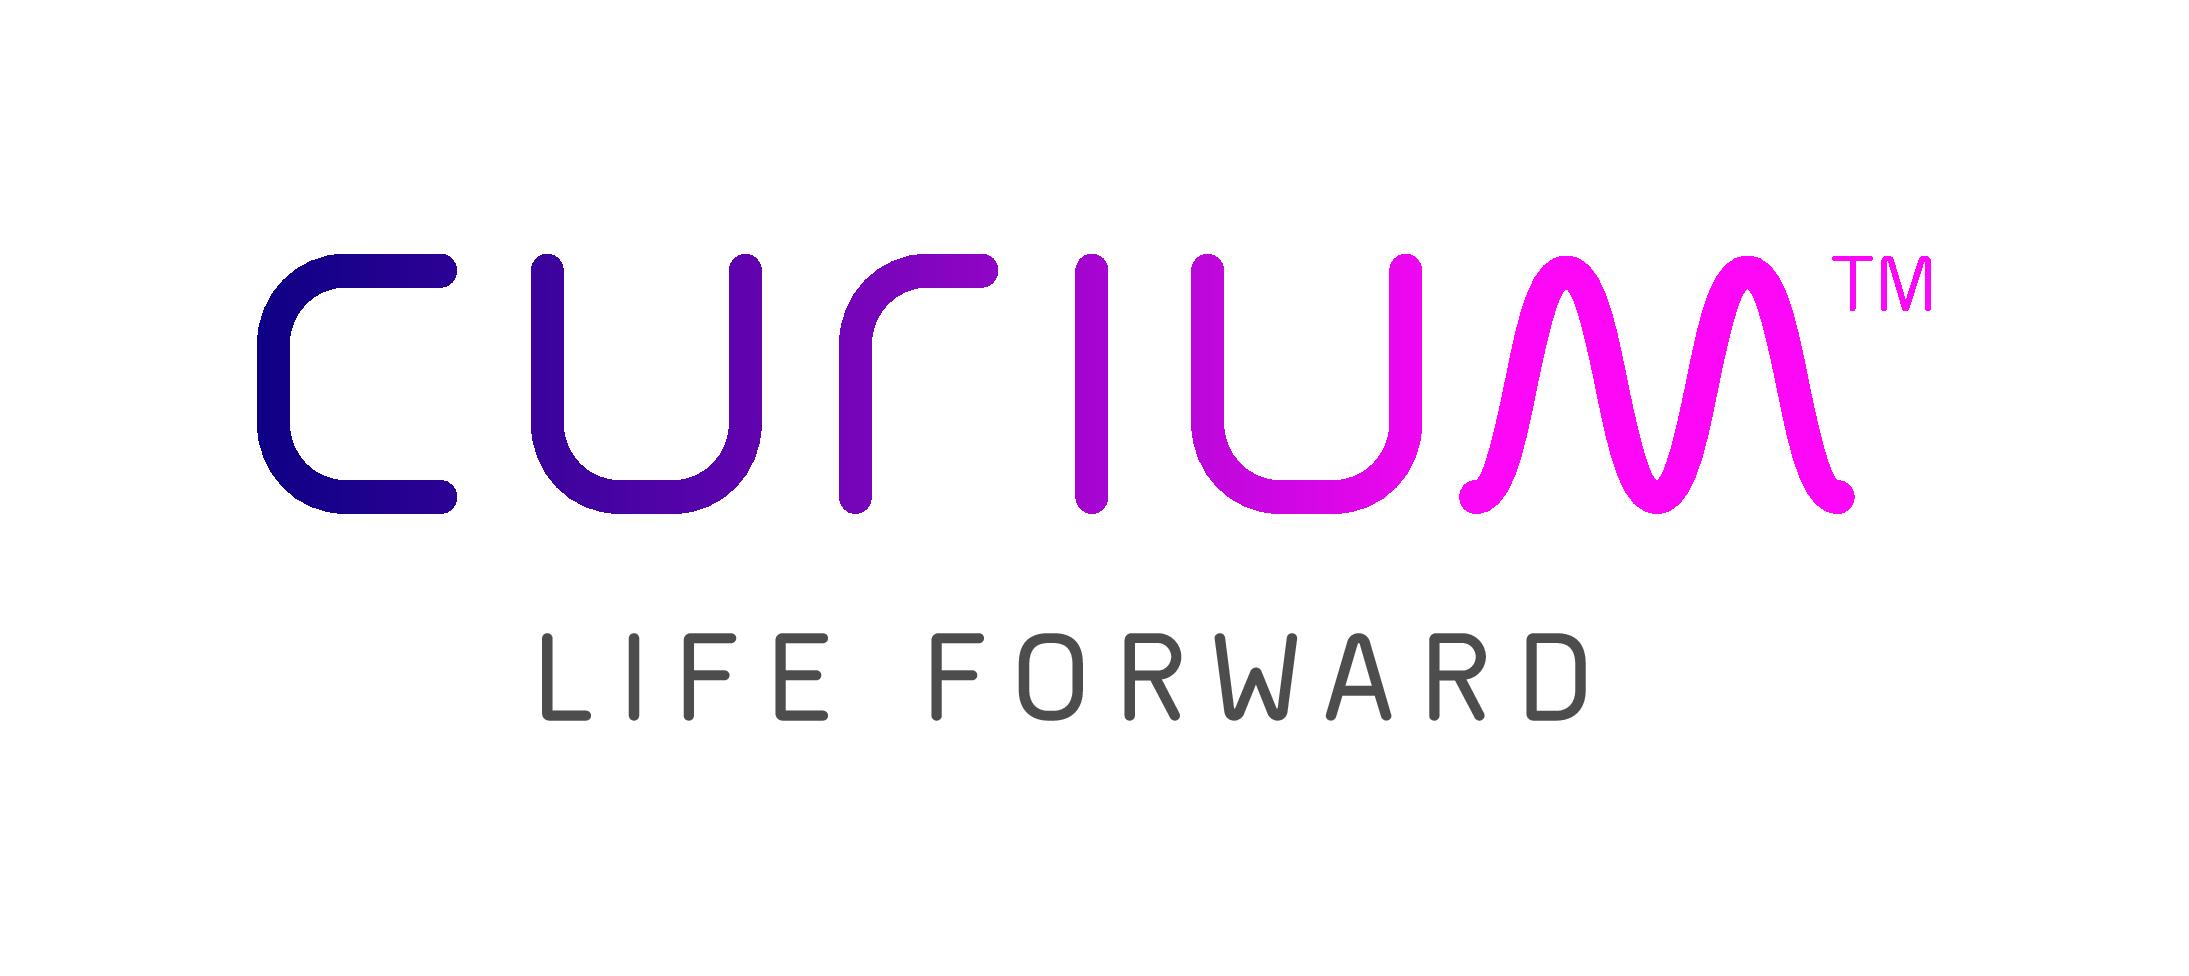 EPS_Curium_Color_Logo_wtagline.eps